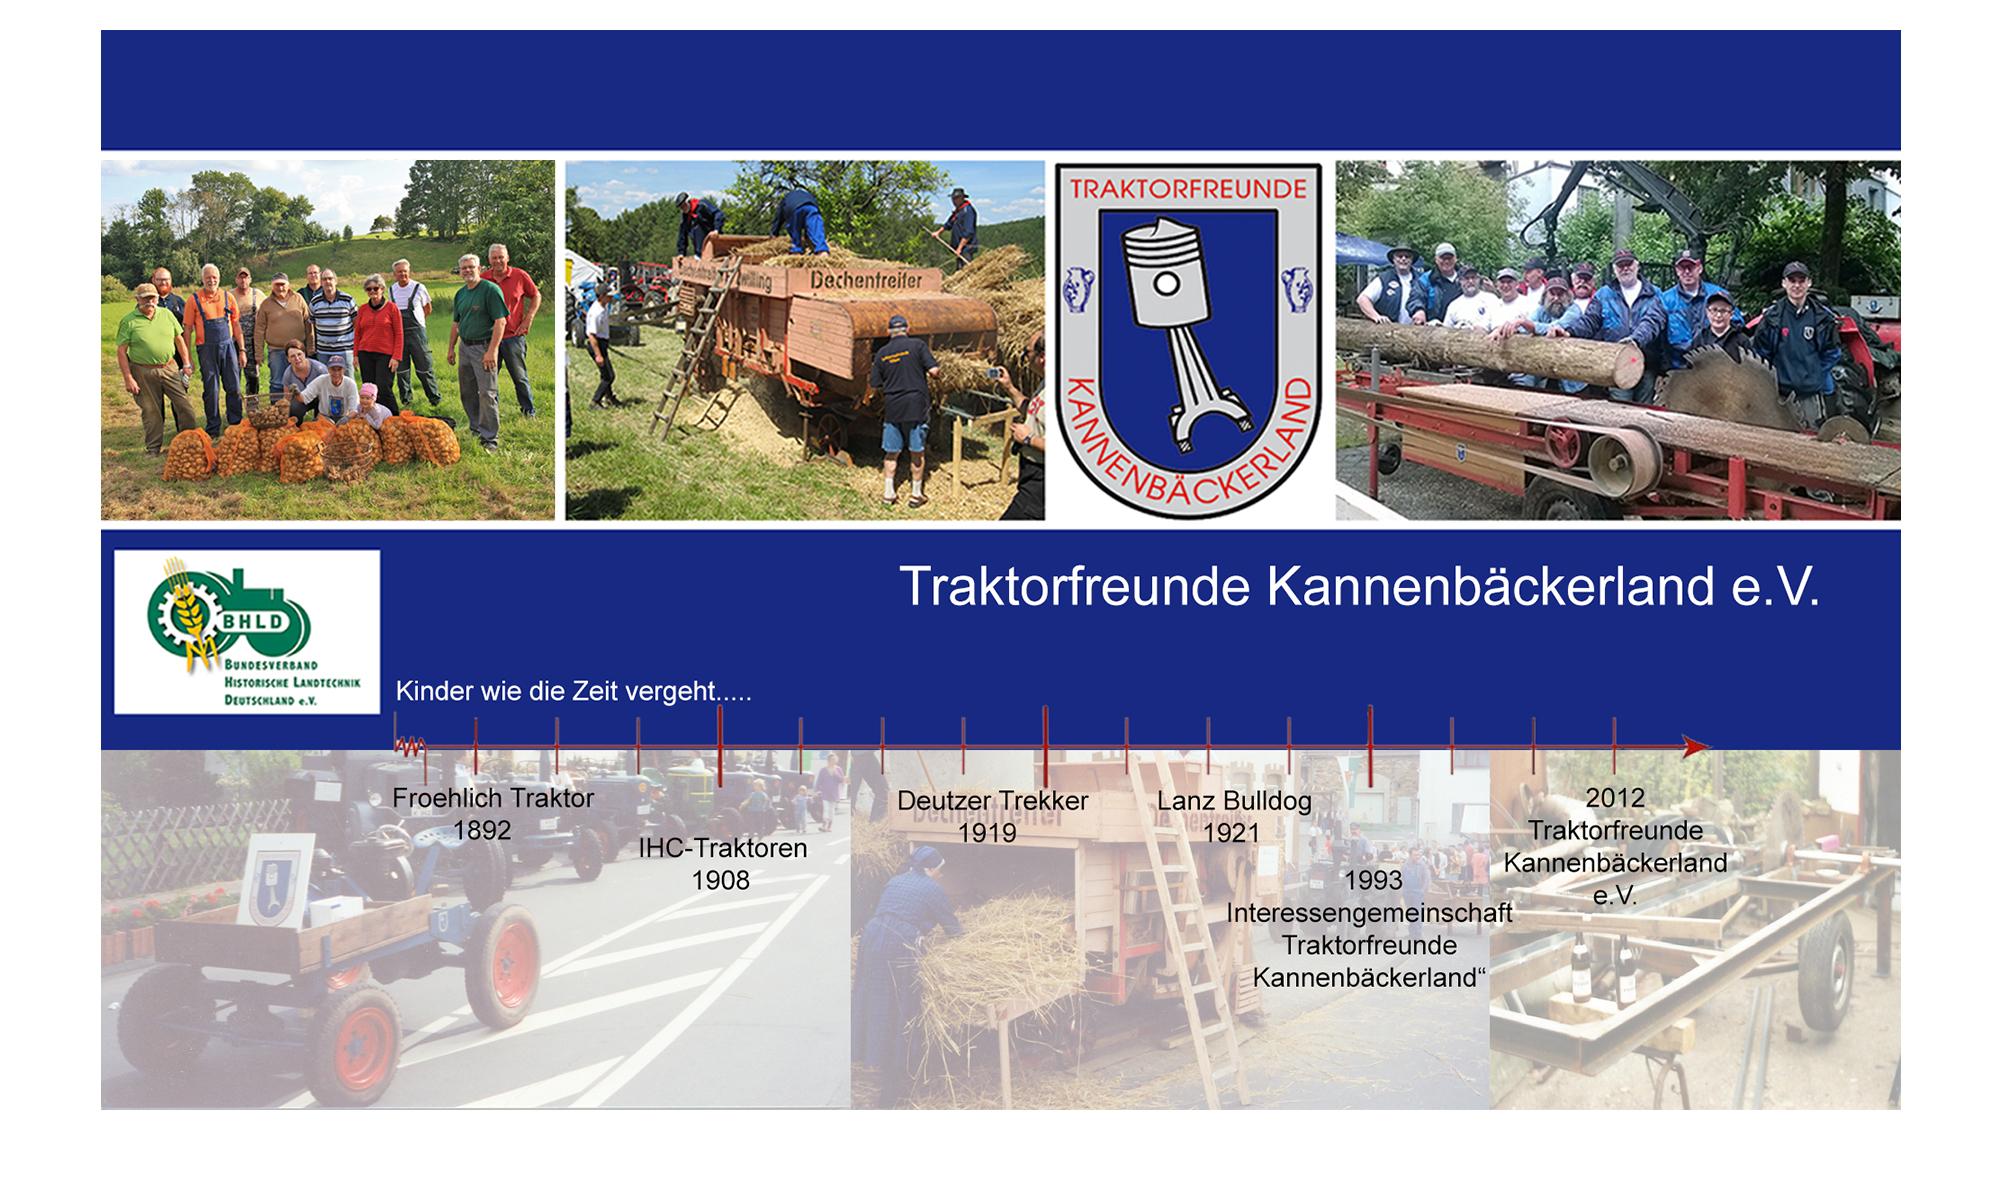 Willkommen bei den Traktorfreunden Kannenbäckerland